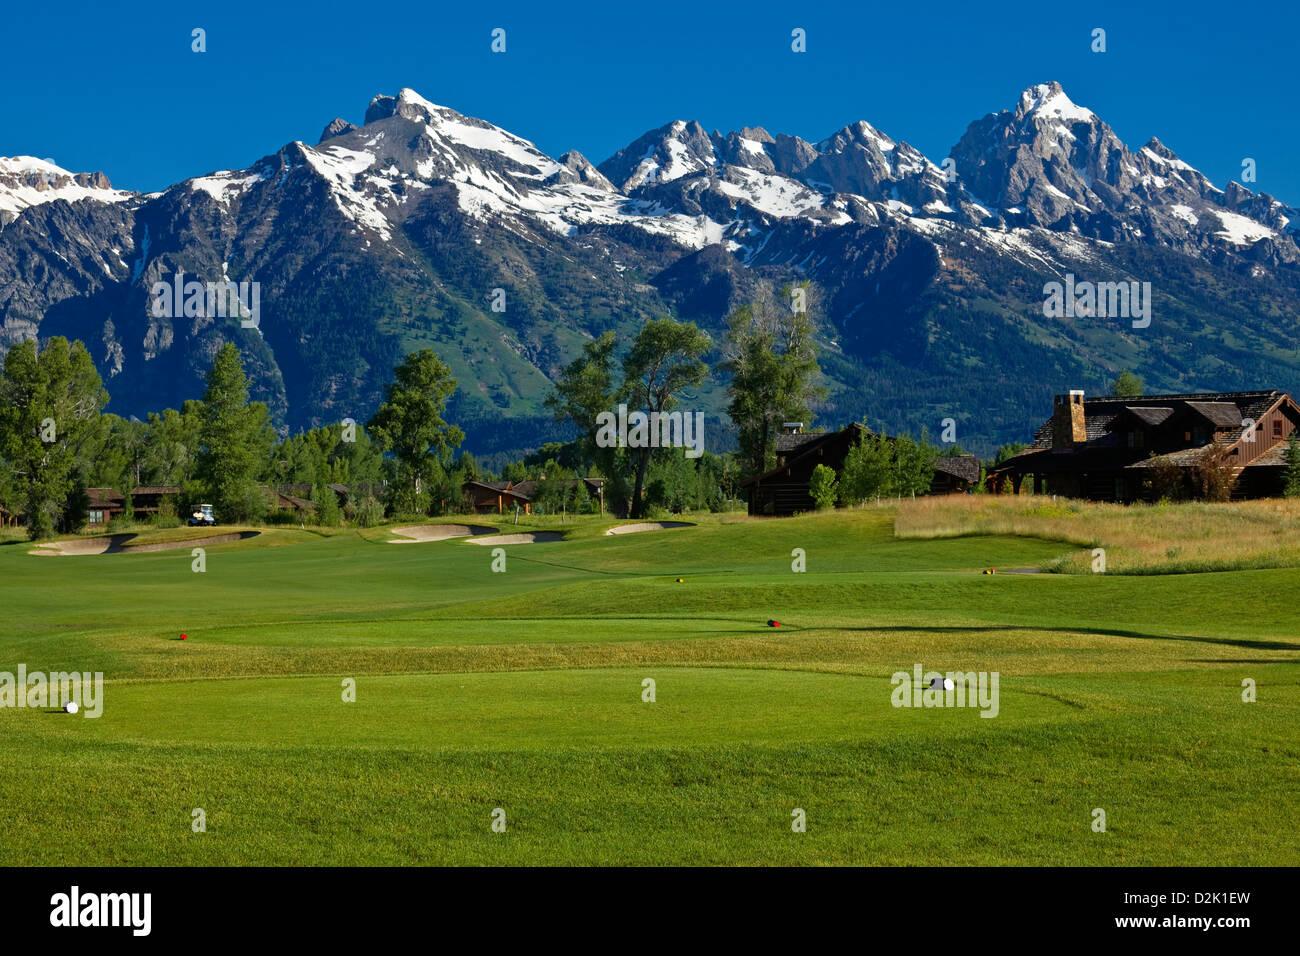 WY00226-00...WYOMING - Le Teton Mountain Range à l'arrière-plan de la Jackson Hole Golf et Club de Photo Stock